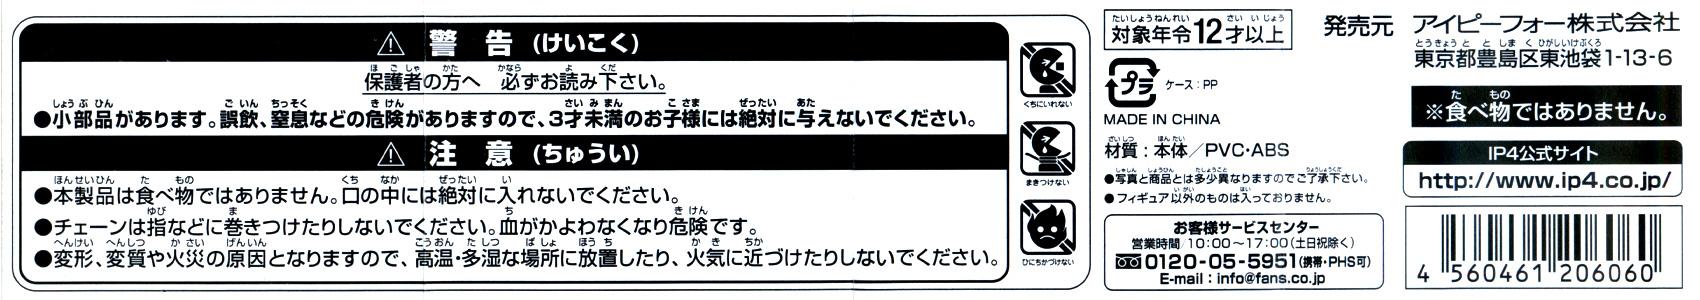 日本の定番「どんぶり」[アイピーフォー]